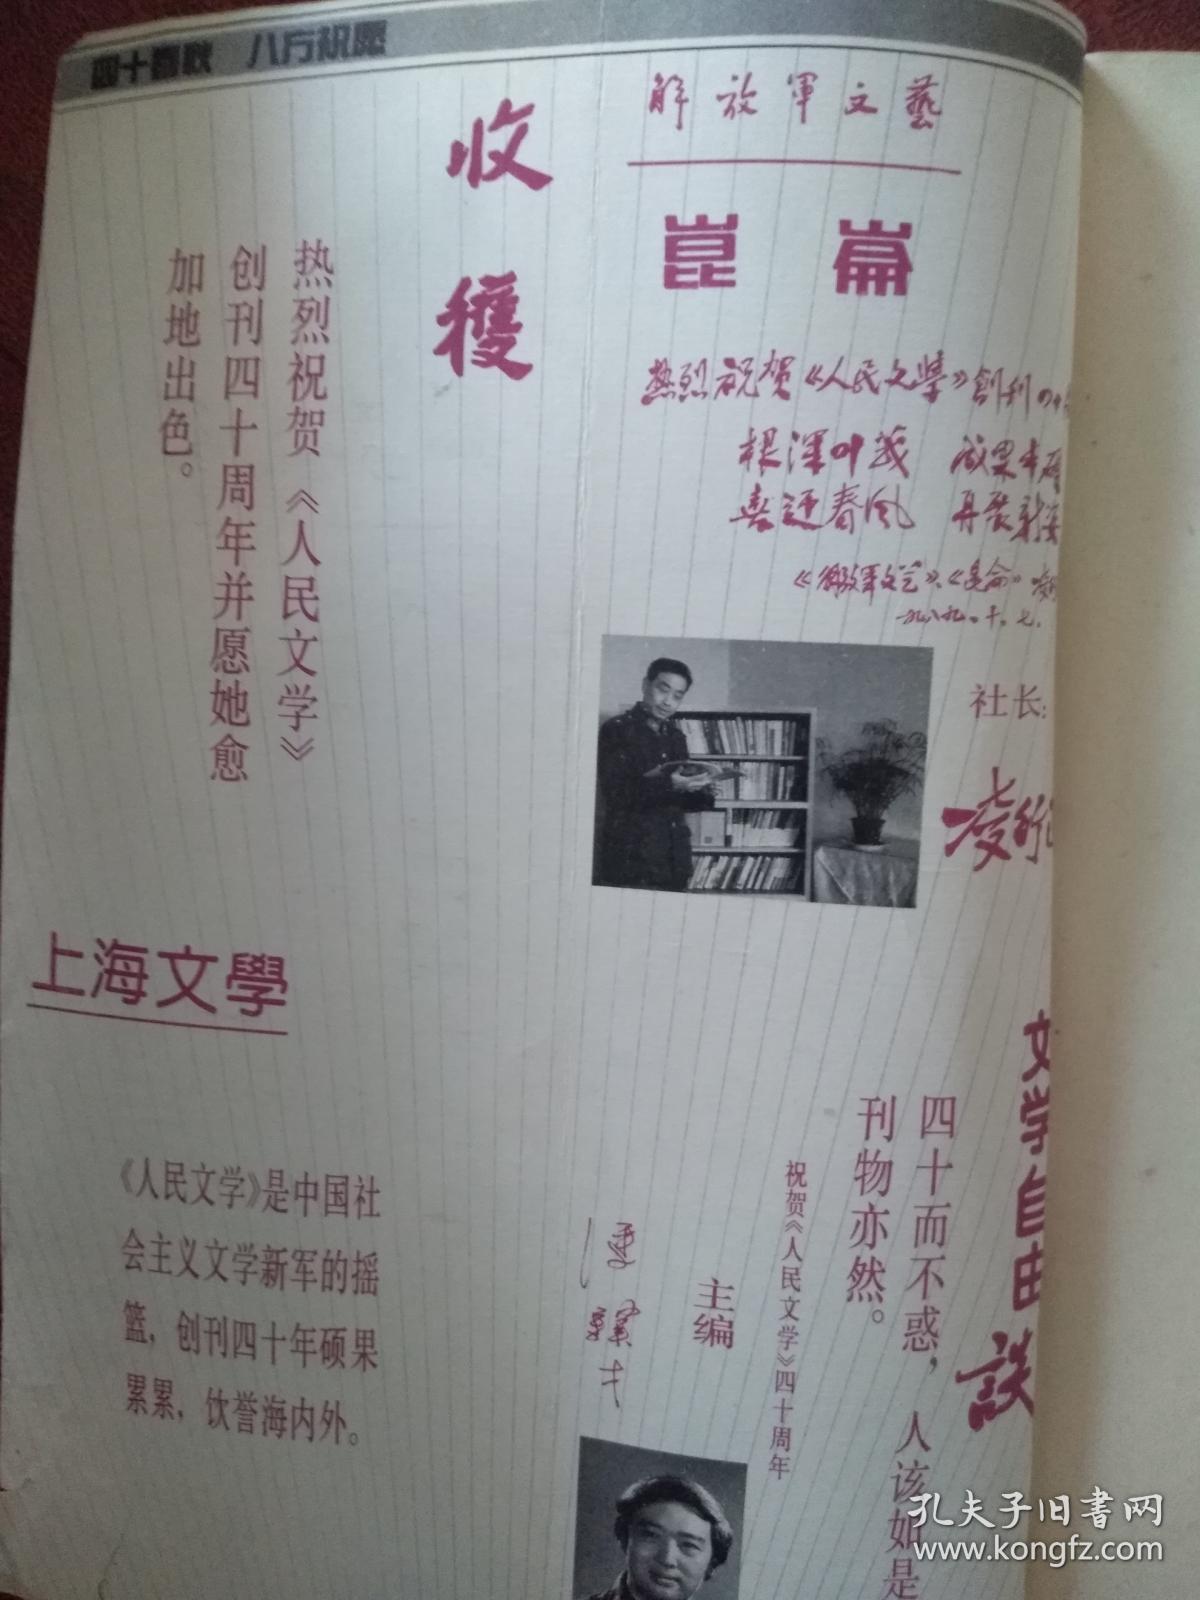 人民文学祝贺人民文学创刊40周年,叶文玲《夏之初》邓刚《感情冲动》图片